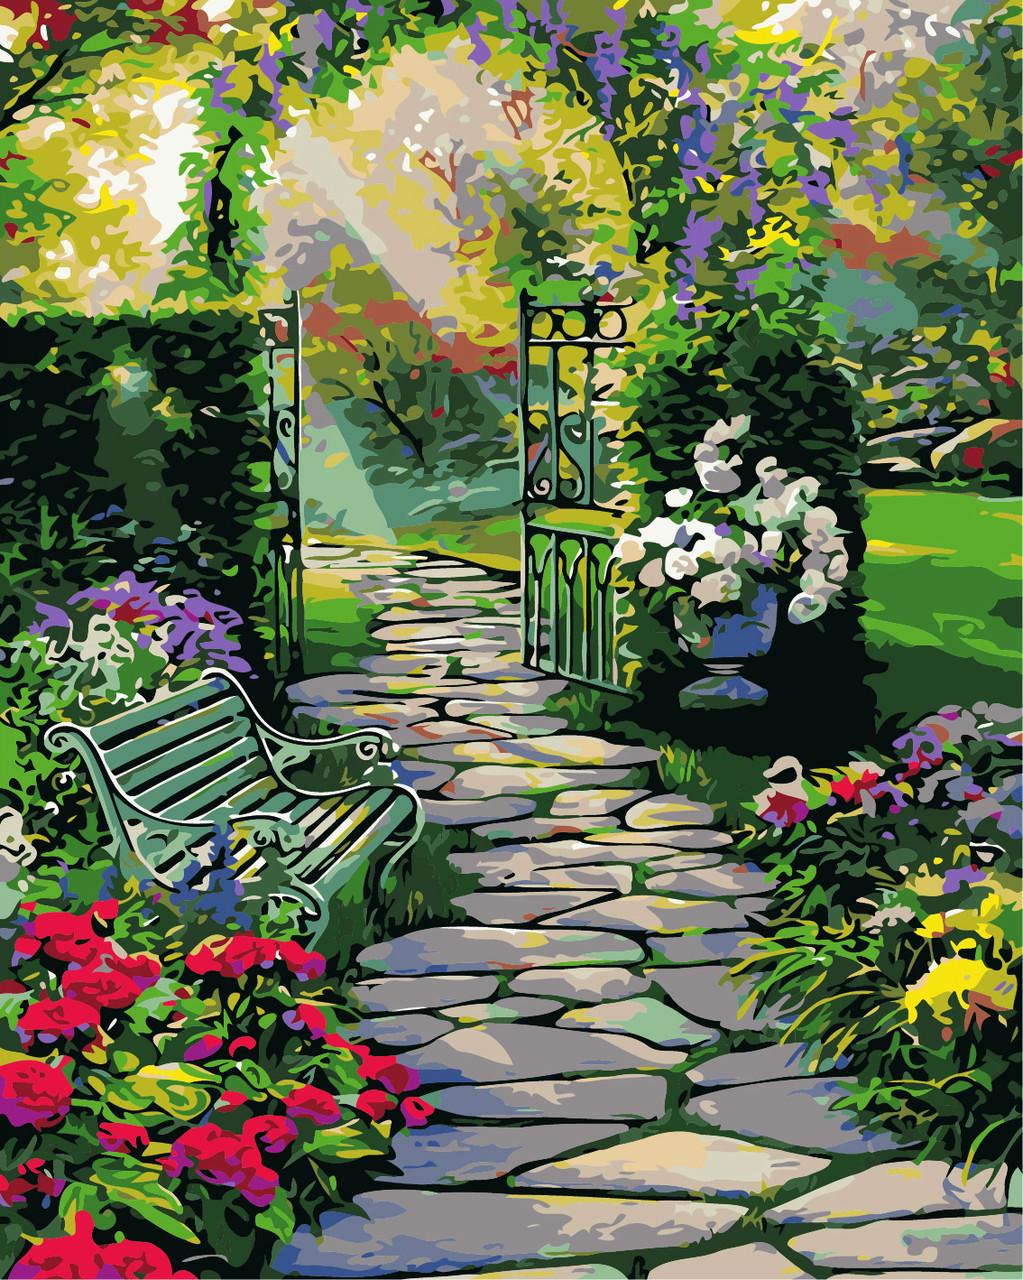 Художественный творческий набор, картина по номерам Волшебный сад (Ru. Cobane), 40x50 см, «Art Story» (AS0382)